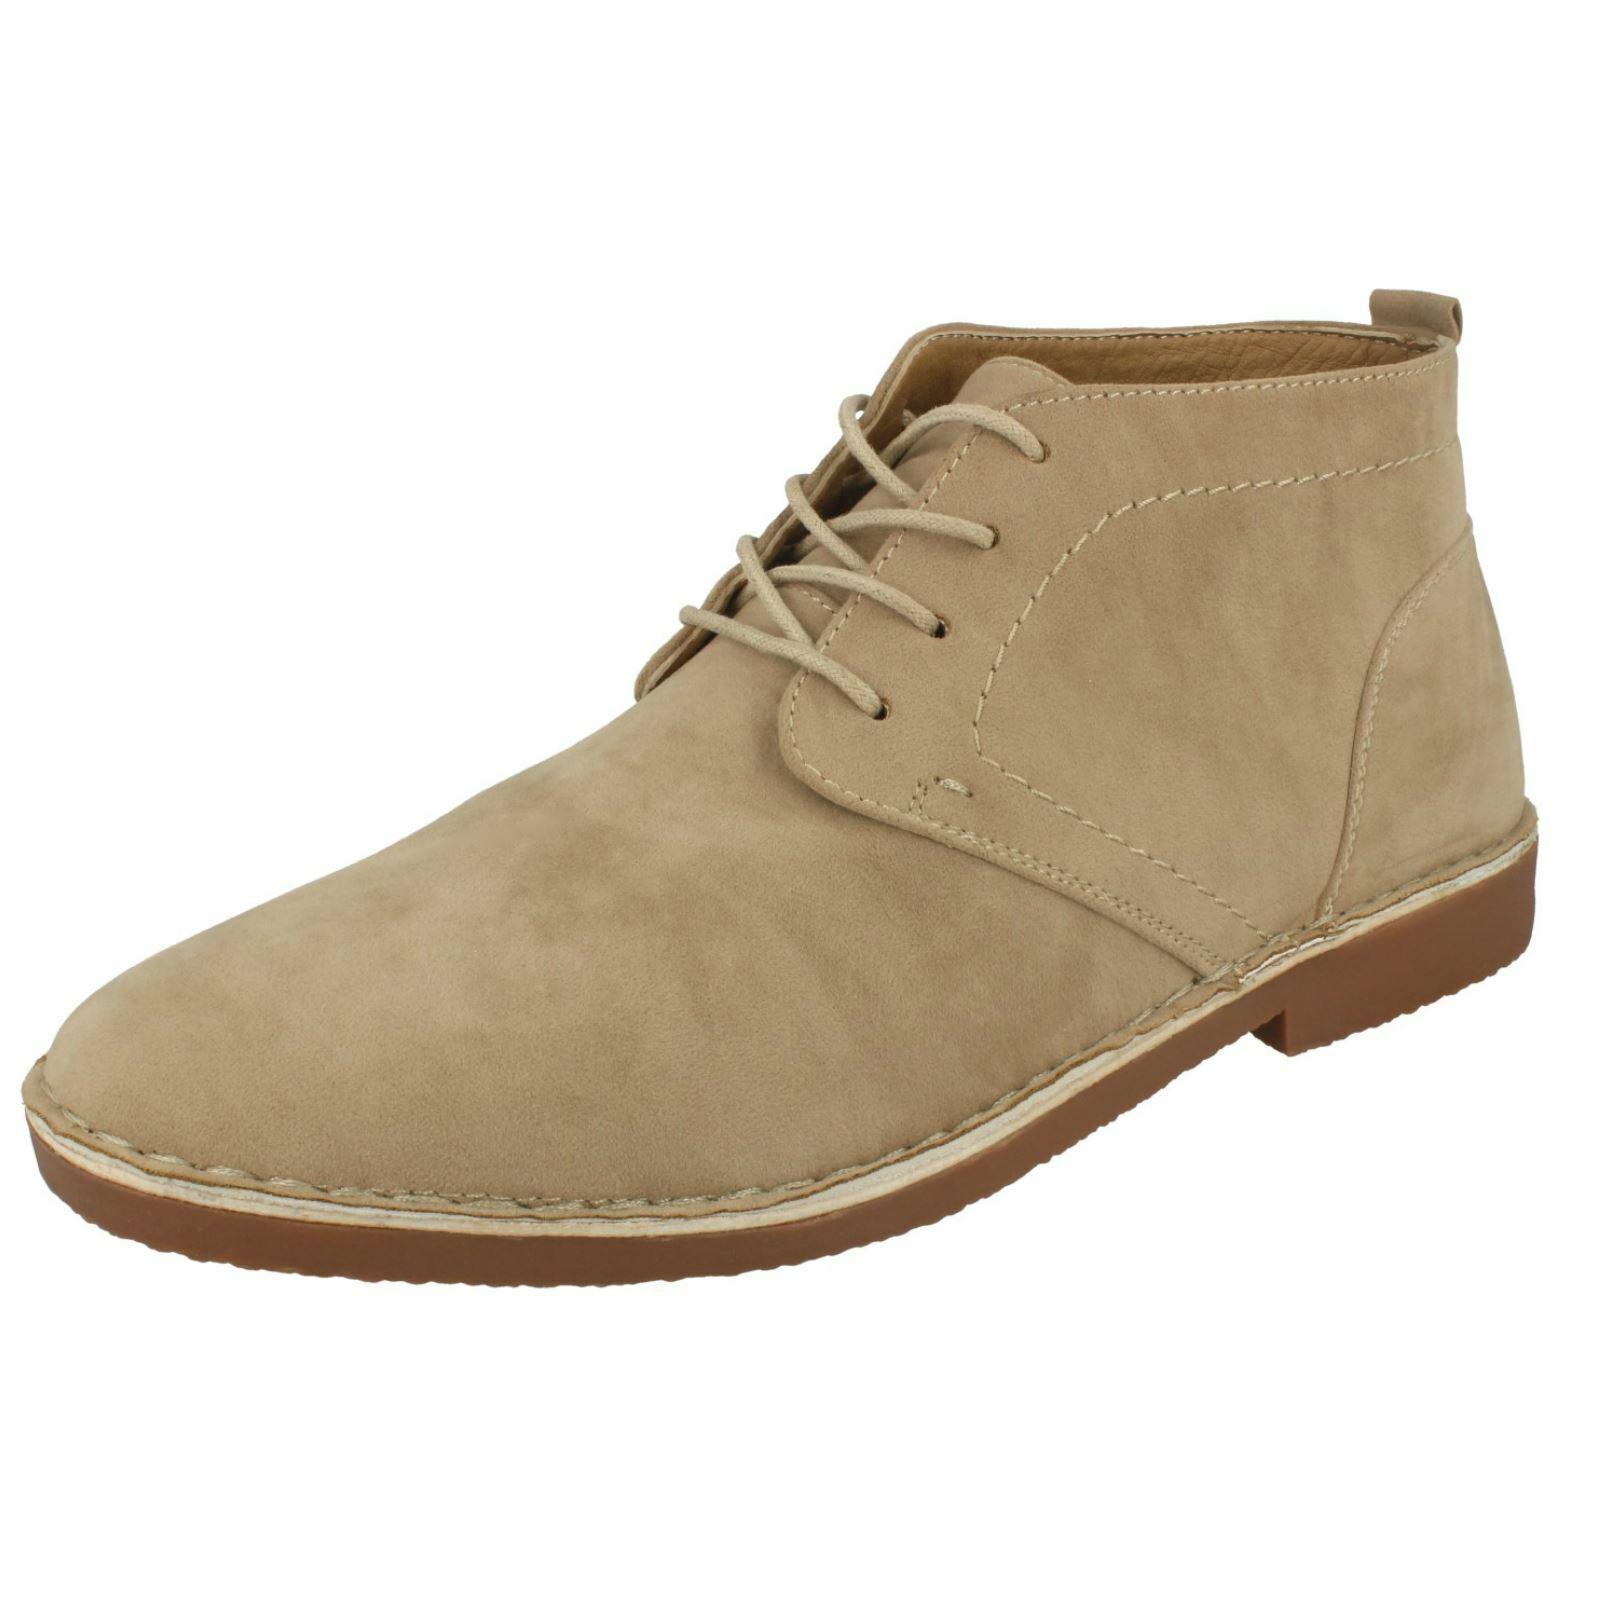 Mens Joe Fresh Chukka Boots 'Vallot'